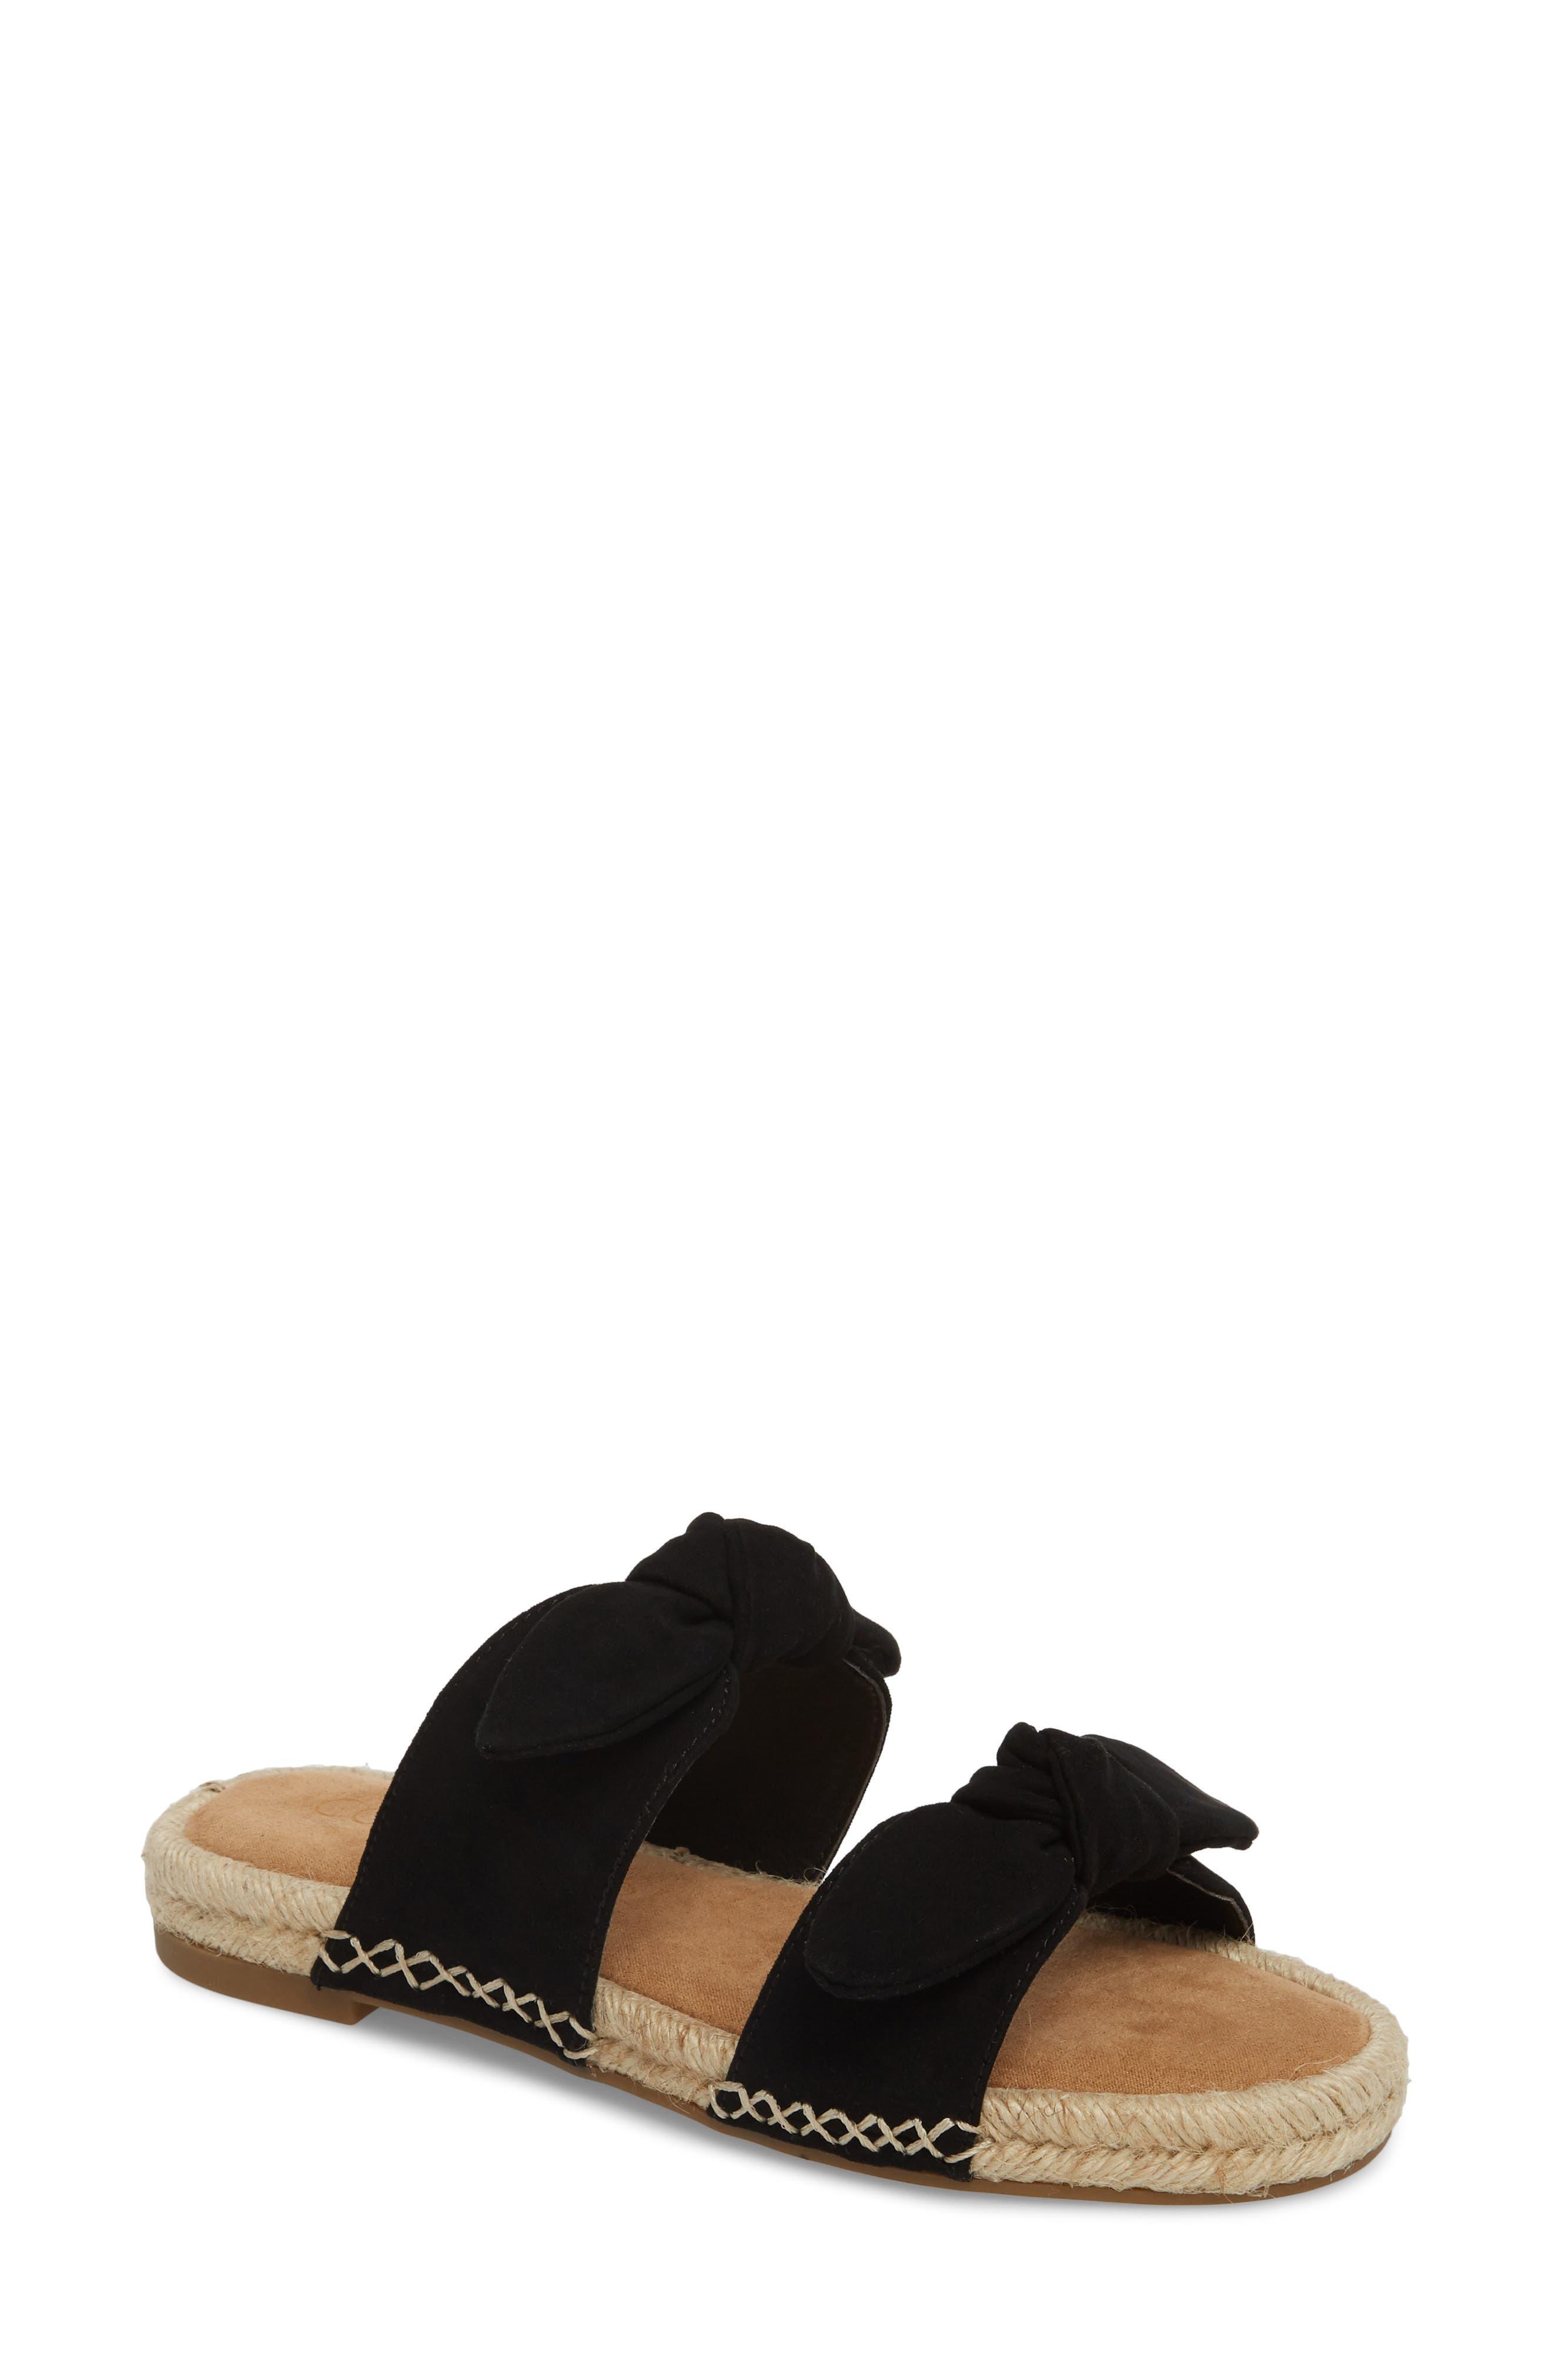 Gianna Espadrille Slide Sandal,                         Main,                         color, Black Suede